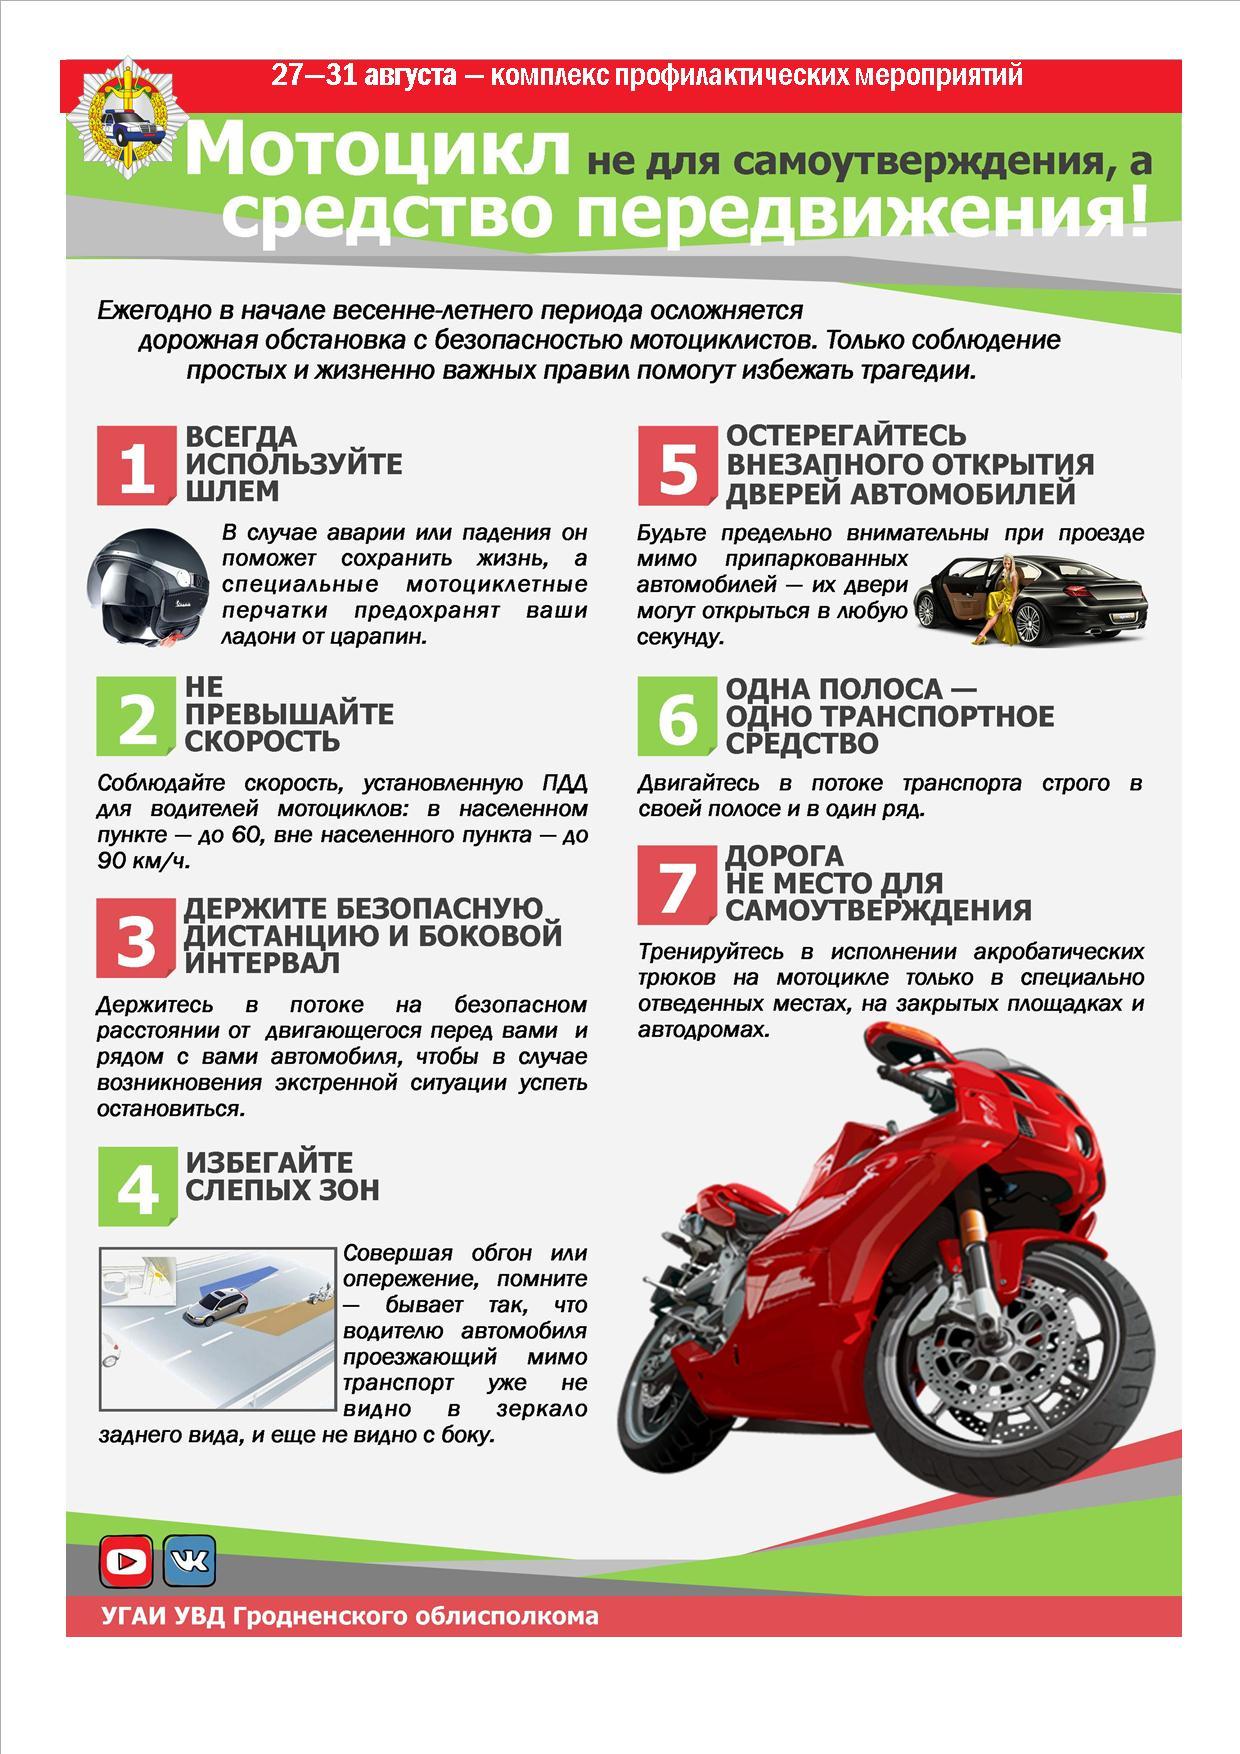 Мотоциклистам и велосипедистам особое внимание